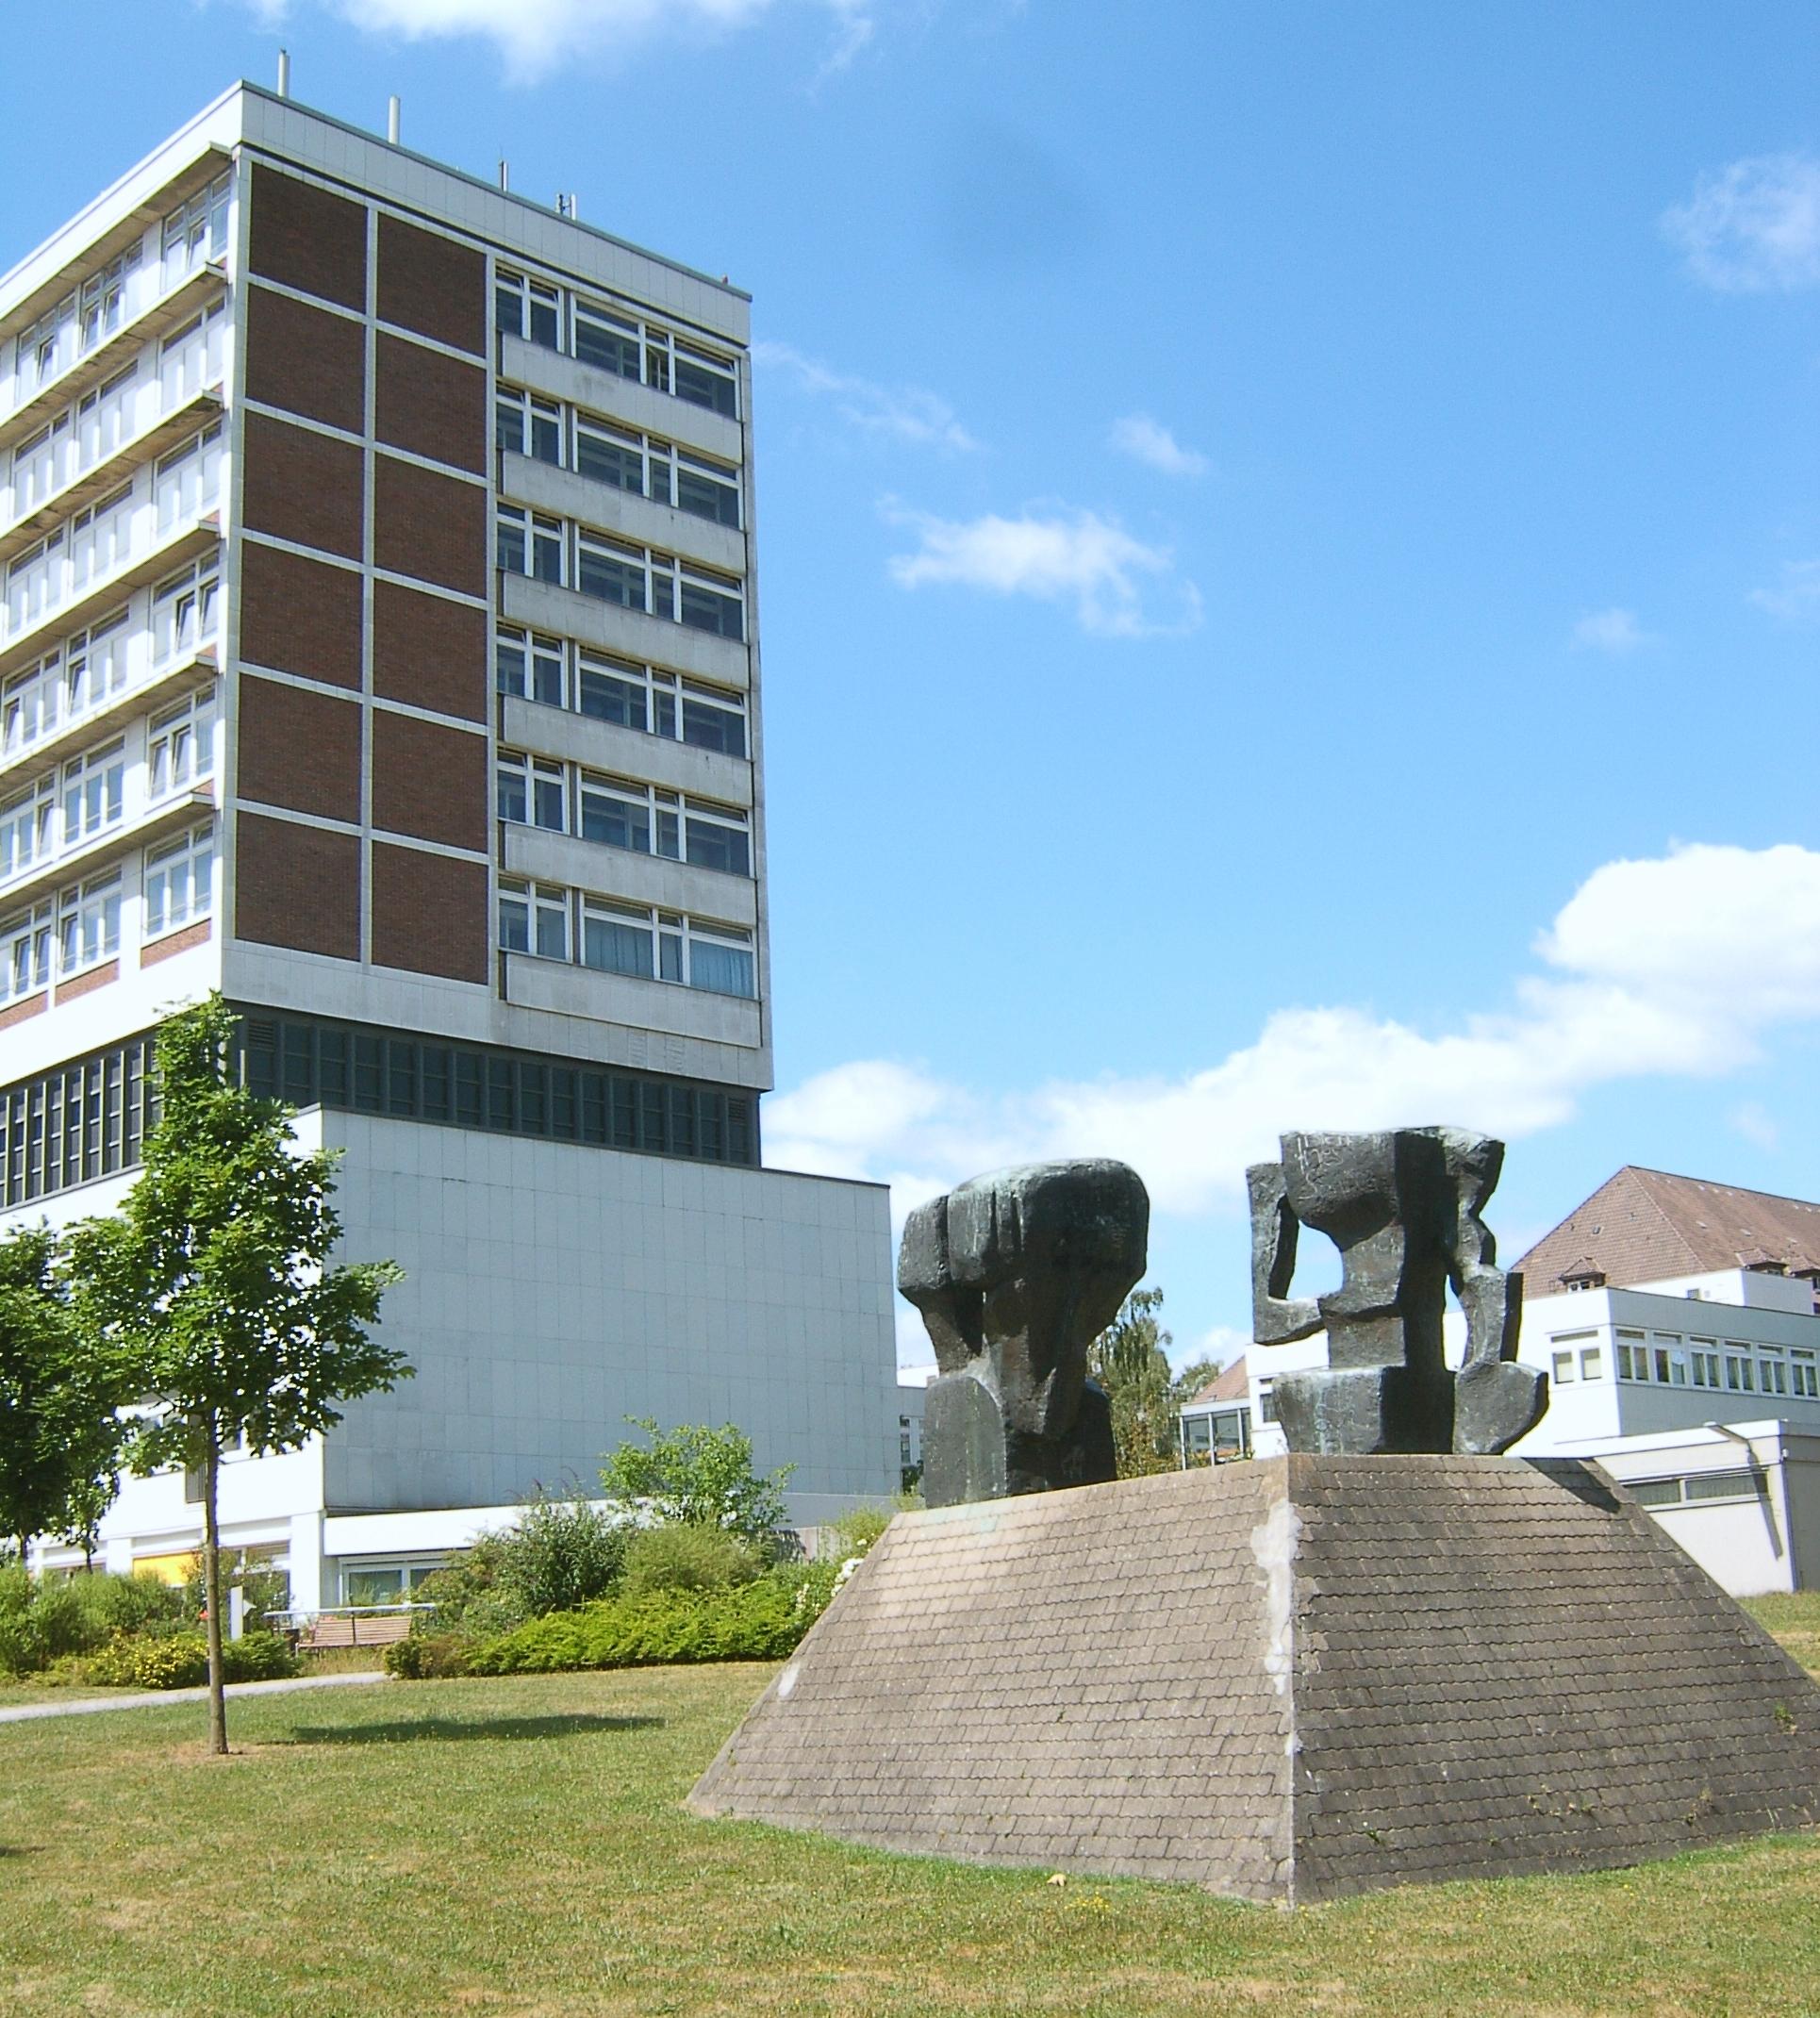 Harburg Asklepios